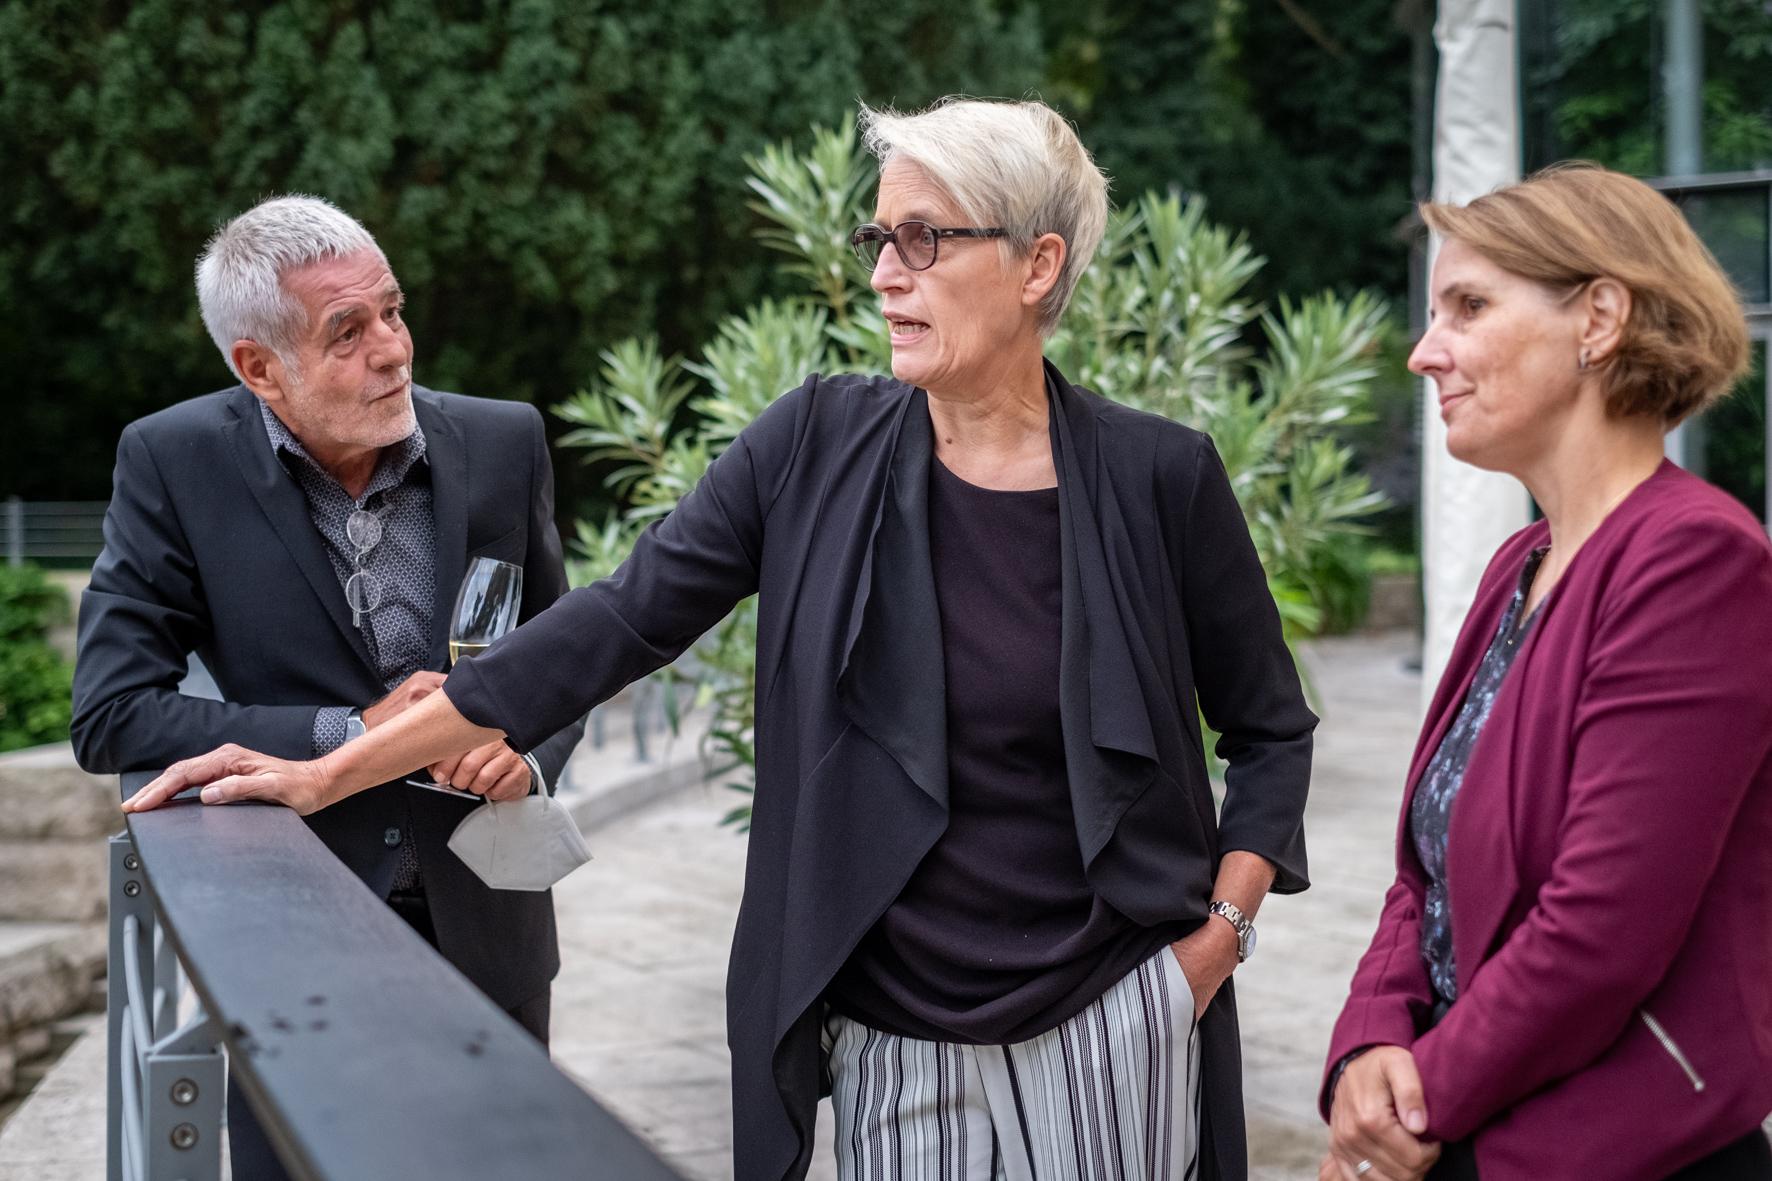 Anne Katrin Bohle, Staatssekretärin im Bundesministerium des Innern, für Bau und Heimat (BMI) beim NAX-Patentreffen 2021 ©Till Budde